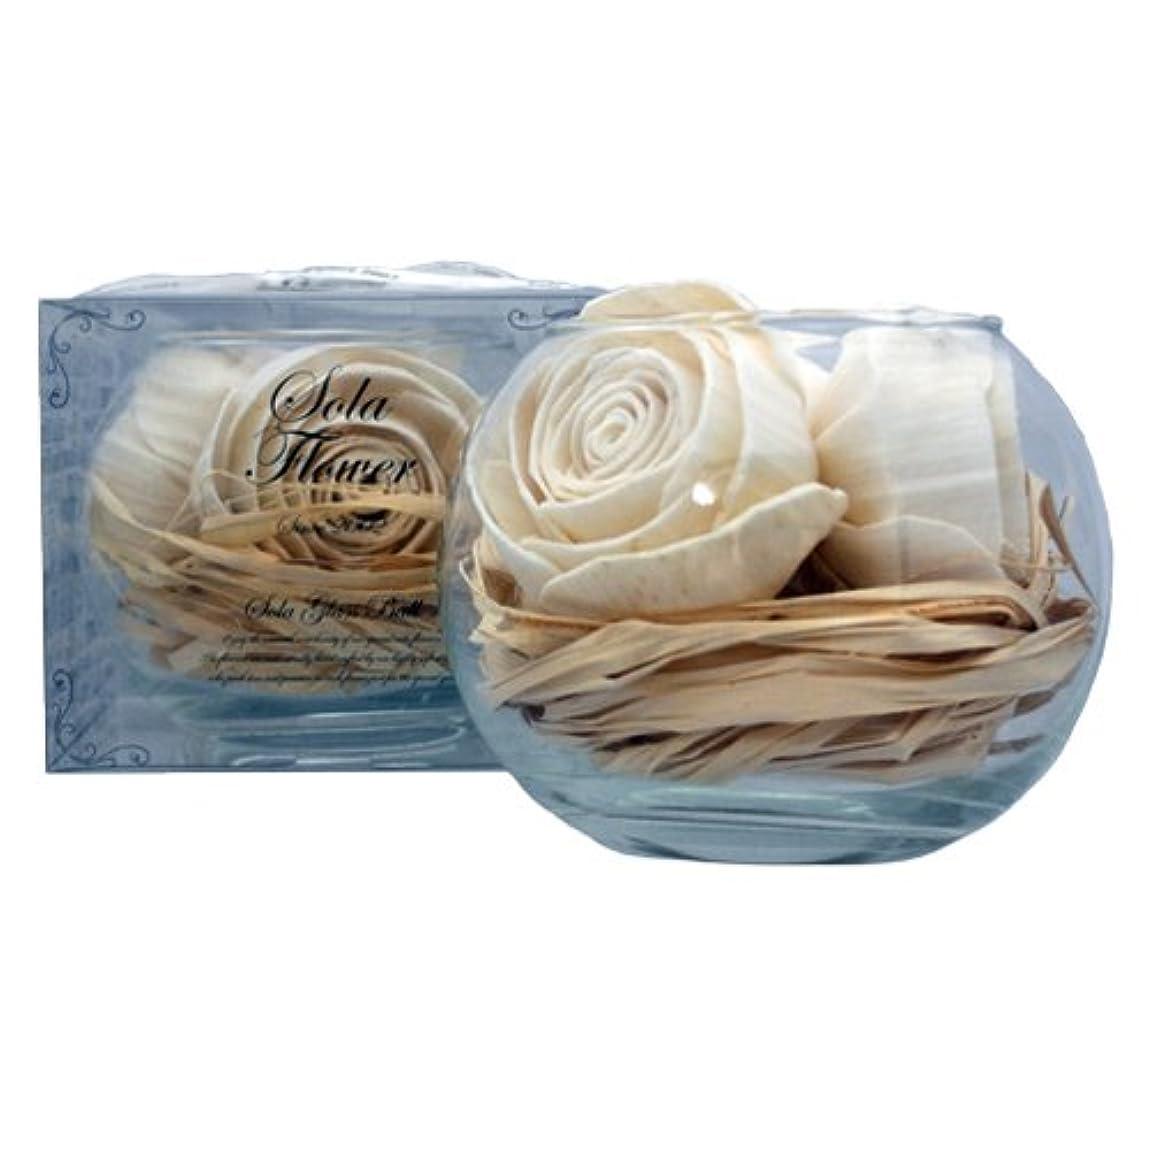 コーヒーピクニックをするソケットnew Sola Flower ソラフラワー グラスボウル Original Rose オリジナルローズ Glass Bowl